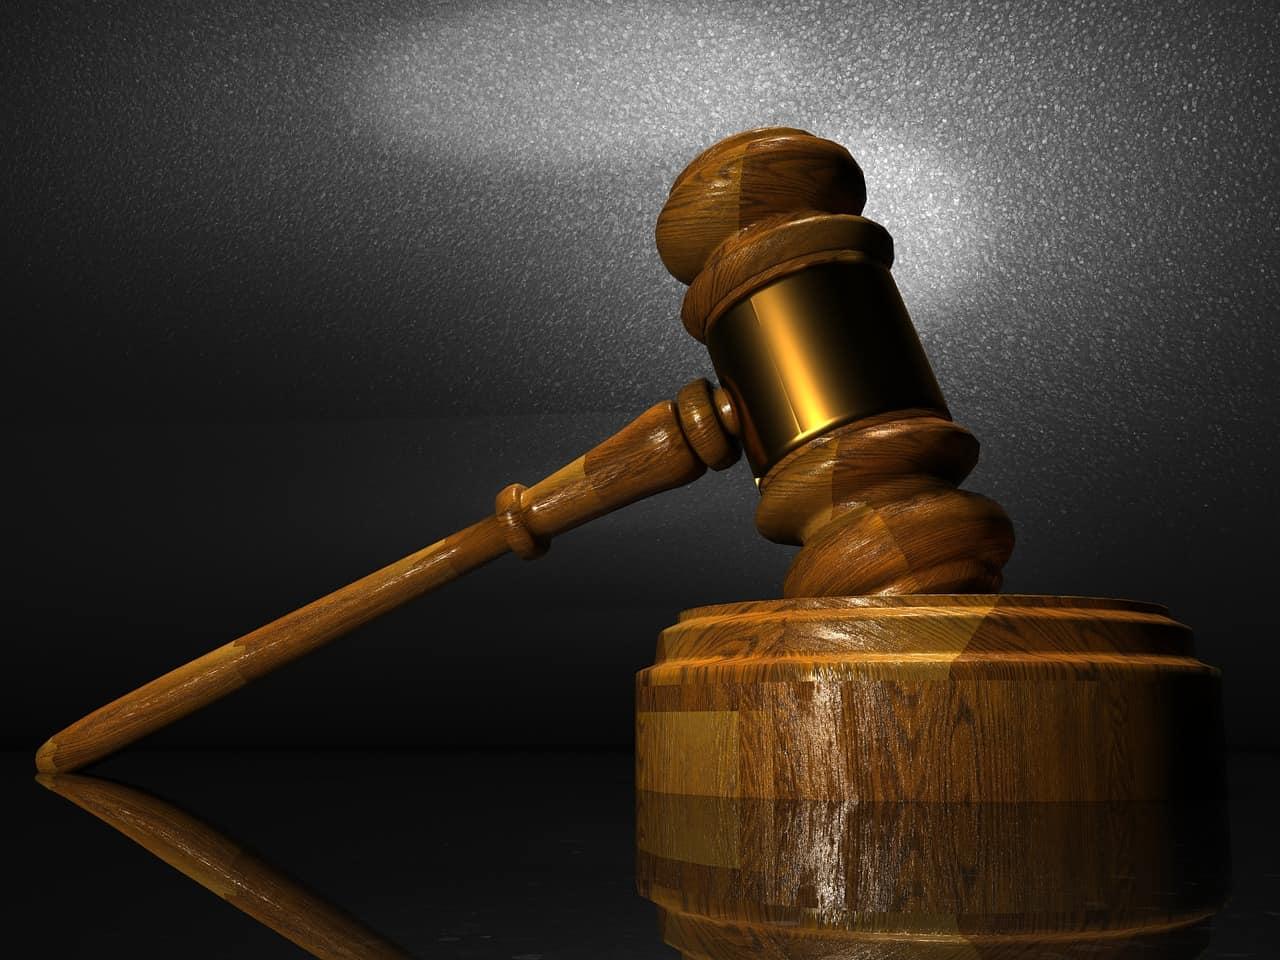 תביעה נגד משרד הביטחון - צורך או לא